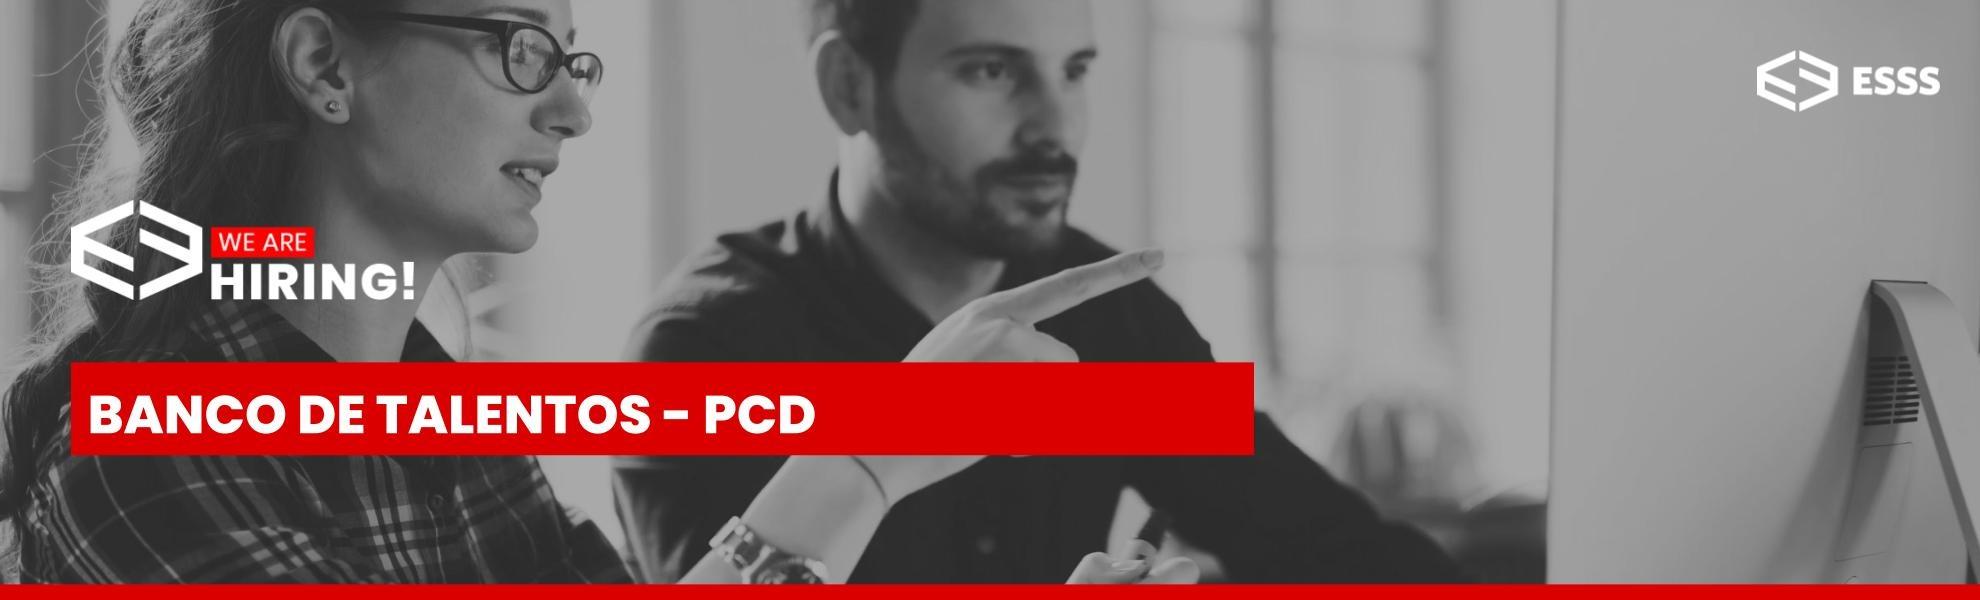 Banco de Talentos - PcD (Pessoa com Deficiência)